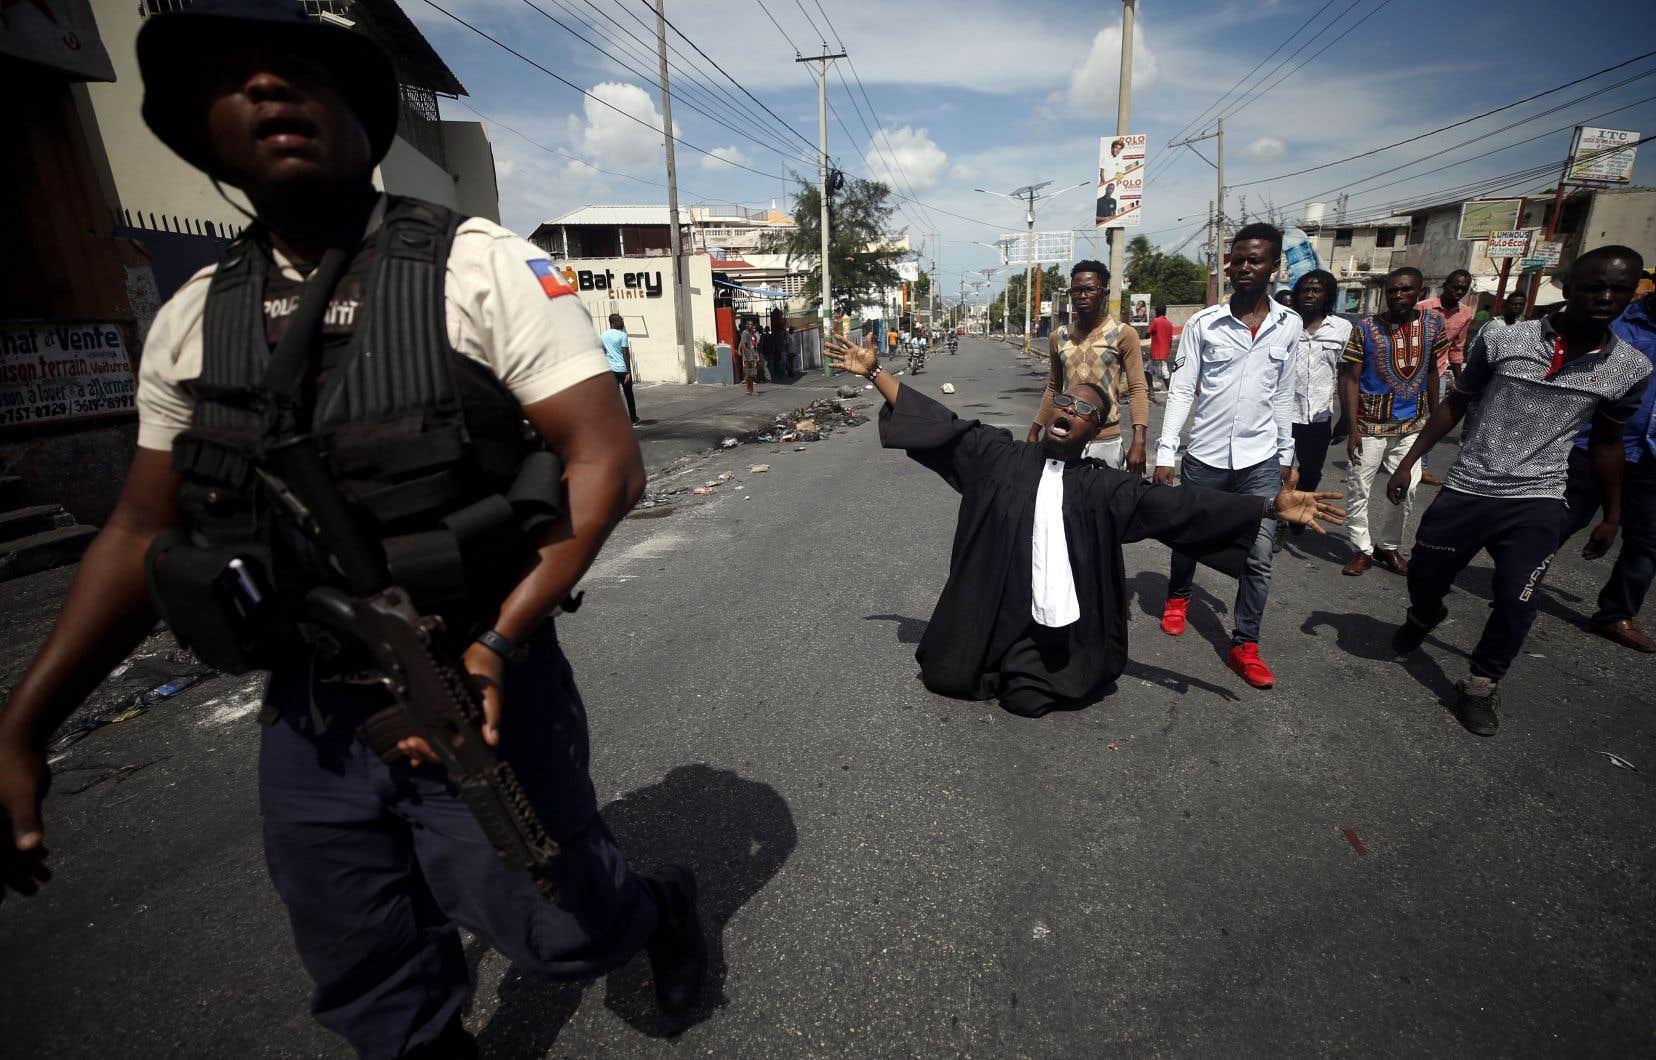 Un activiste a supplié à genoux un policier de laisser des manifestants ériger une barricade sur une route principale de Port-au-Prince, mercredi, en guise de protestation contre le gouvernement Moïse.